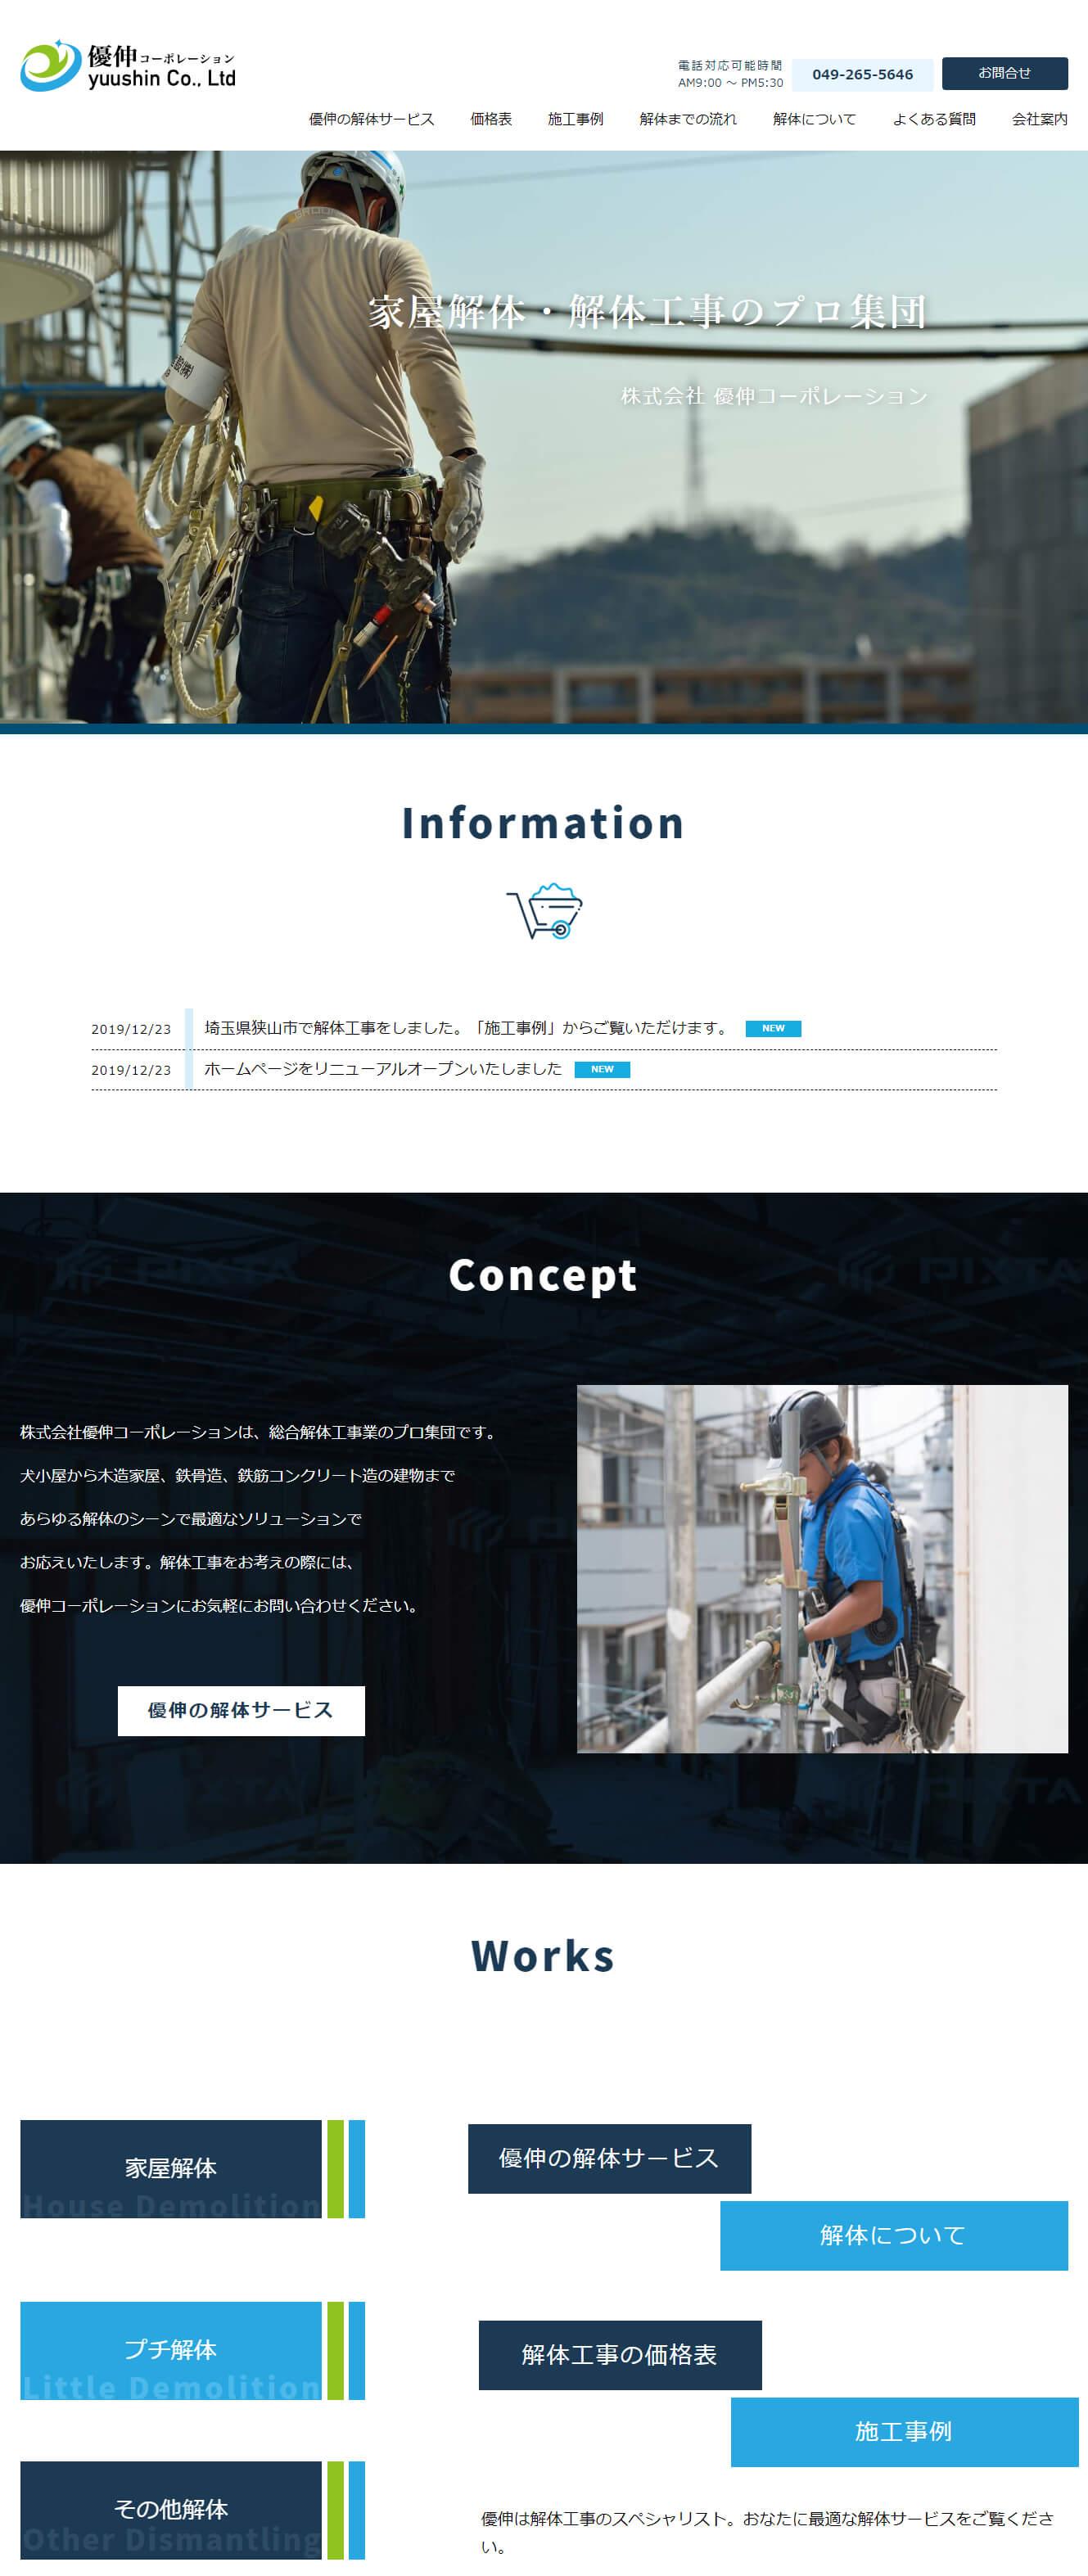 解体工事・株式会社優伸コーポレーション